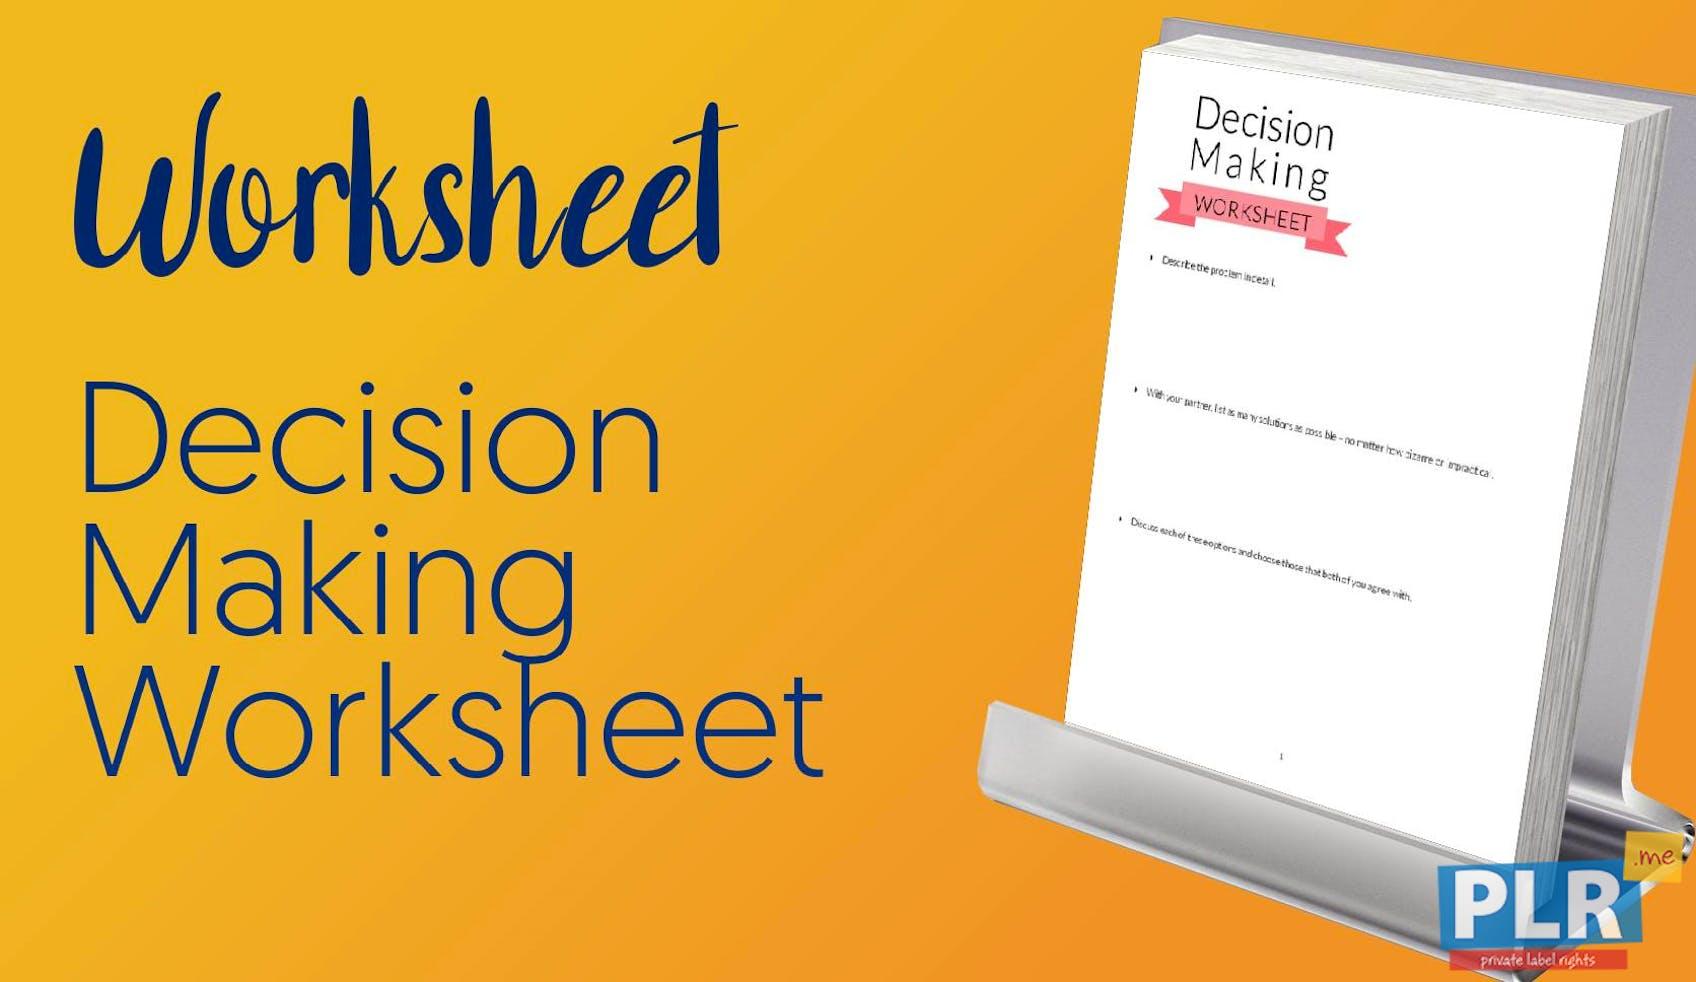 Decision Making Worksheet